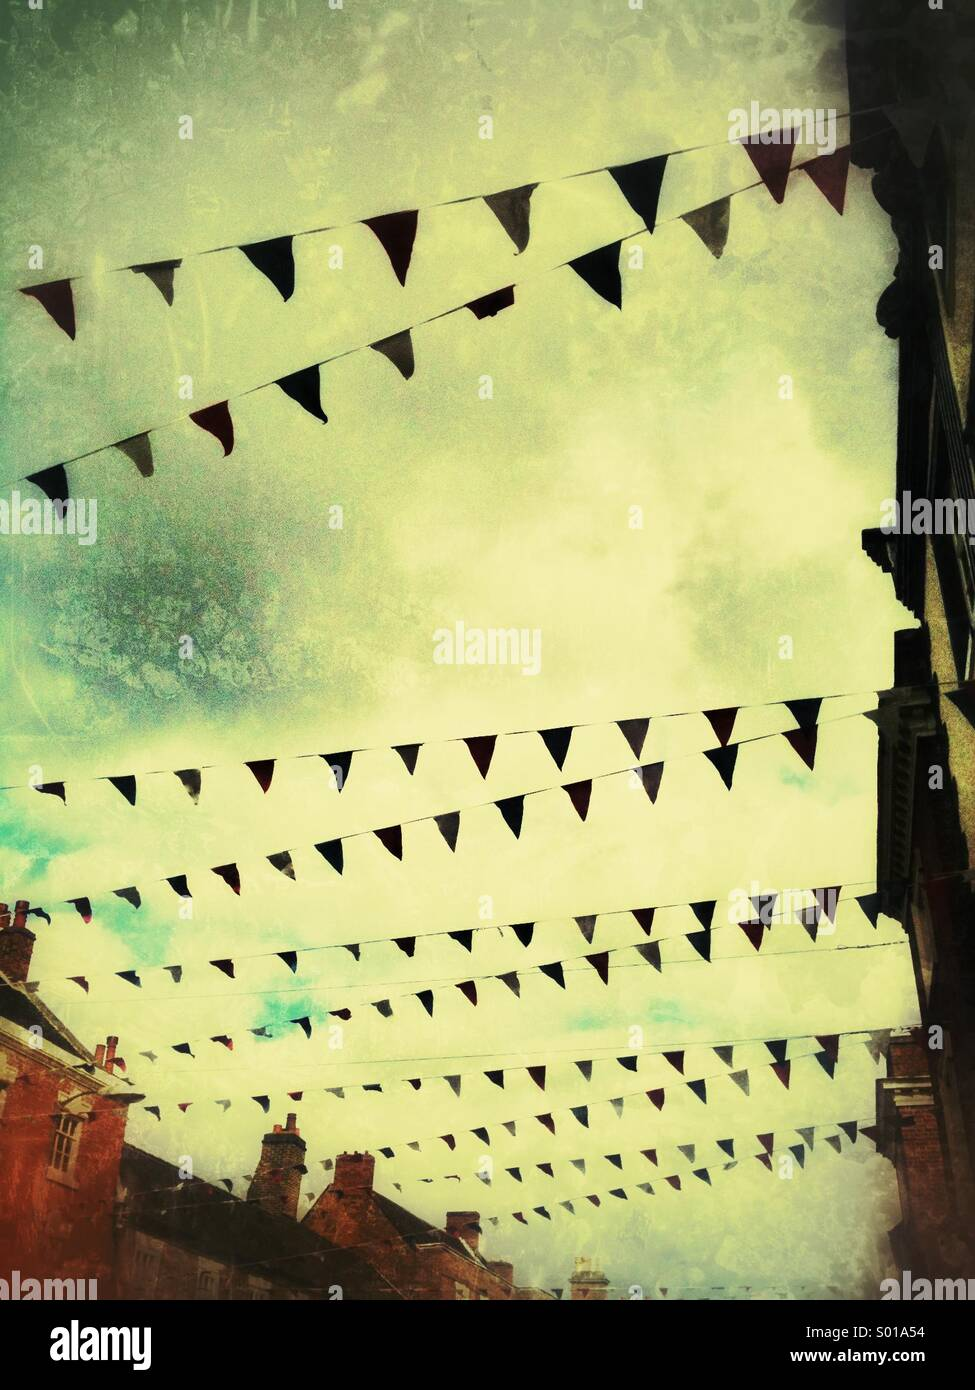 Wimpel in einer Straßenszene mit Grunge-Effekt. Stockbild